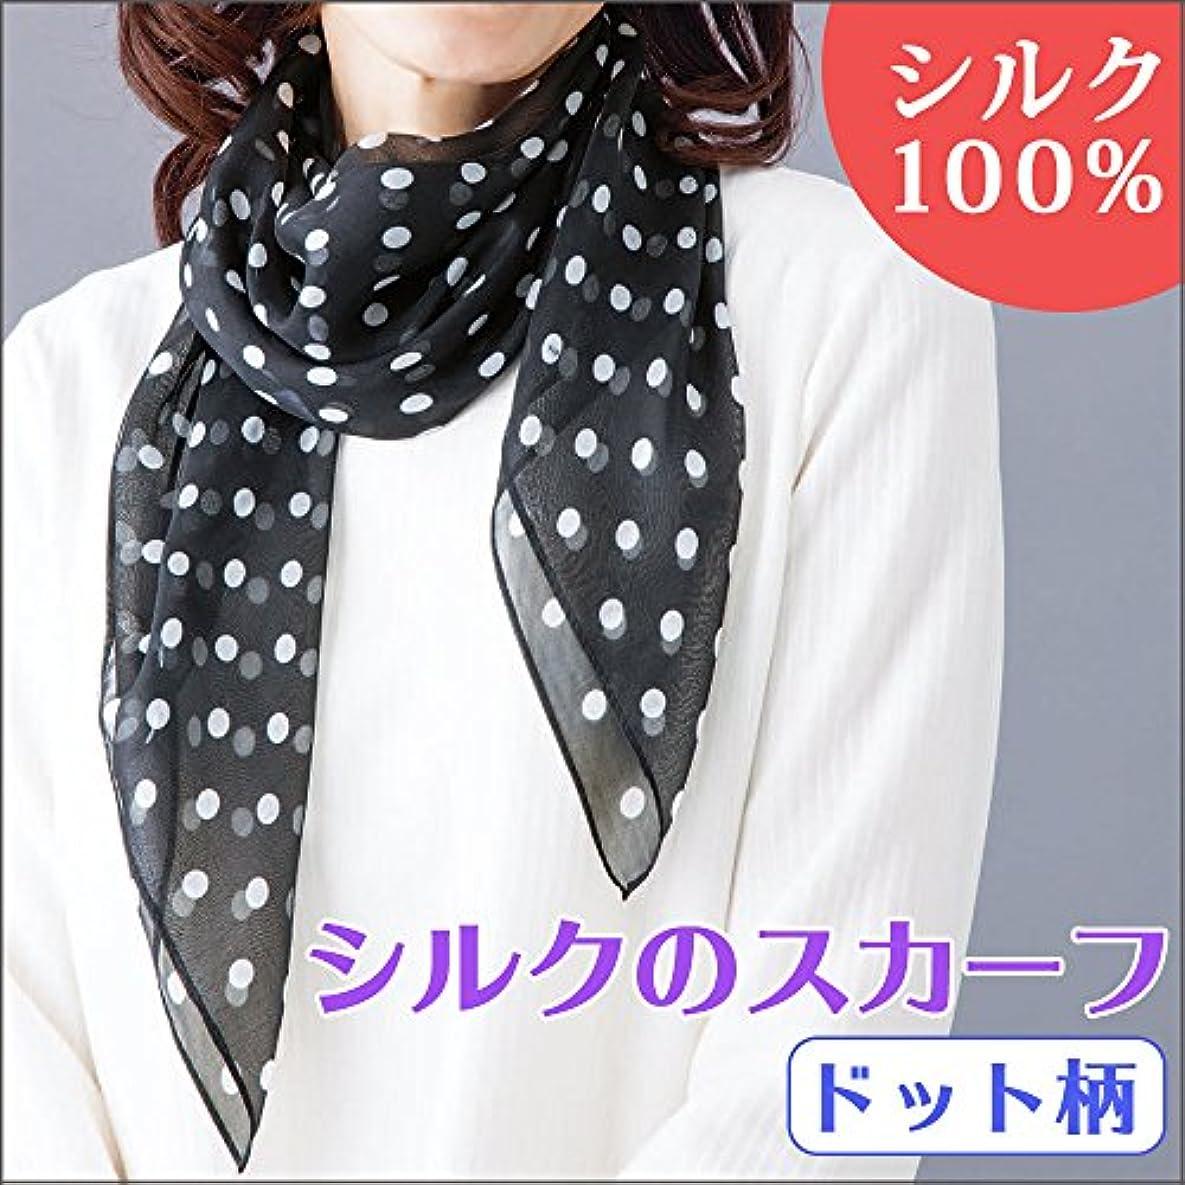 宝ルーフ黒シルクのスカーフ ドット柄